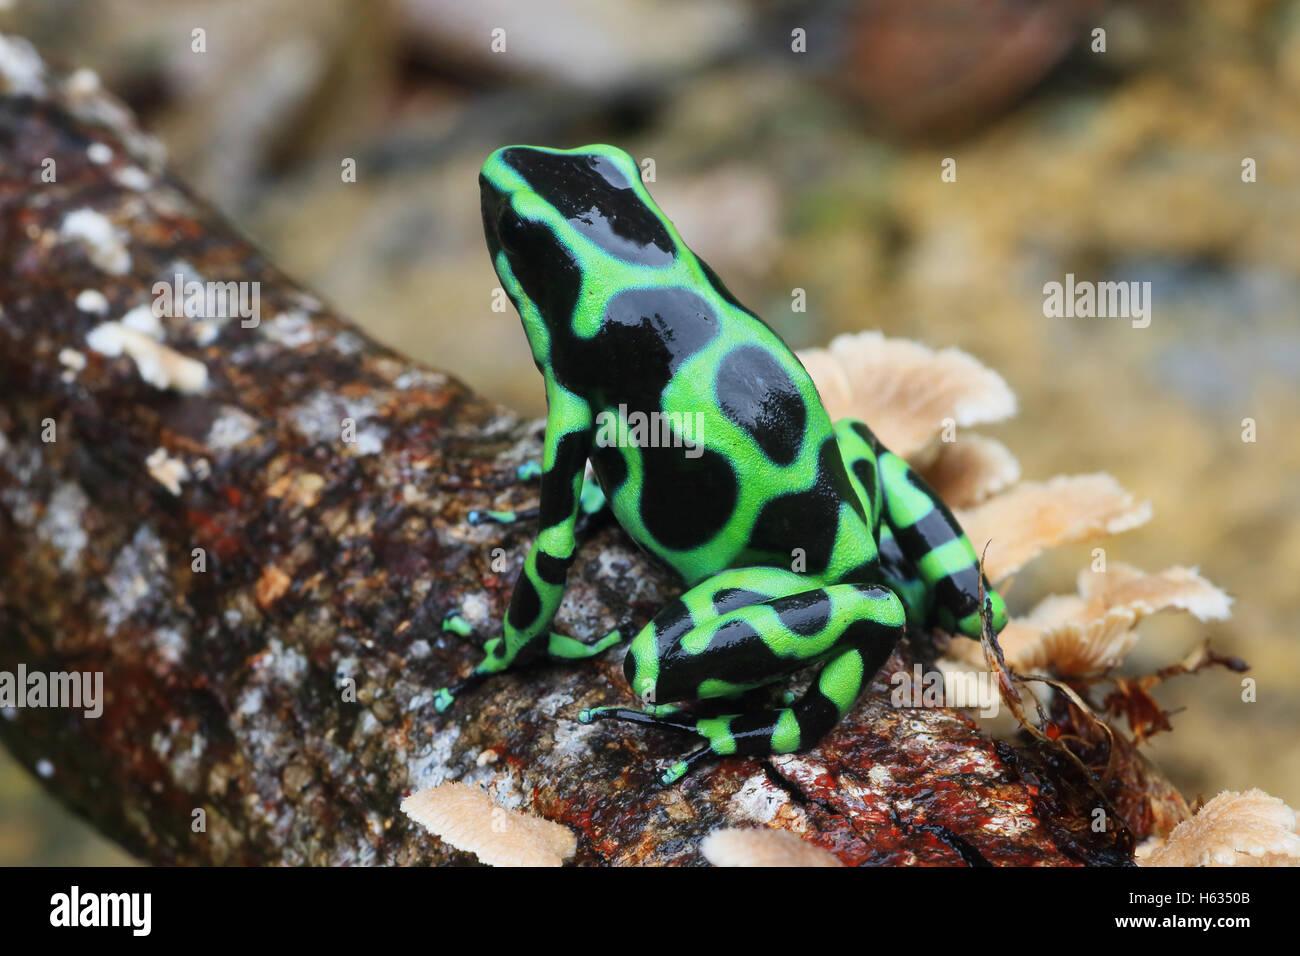 Green and black poison dart frog (Dendrobates auratus) en montagne près de la forêt tropicale des Caraïbes Photo Stock